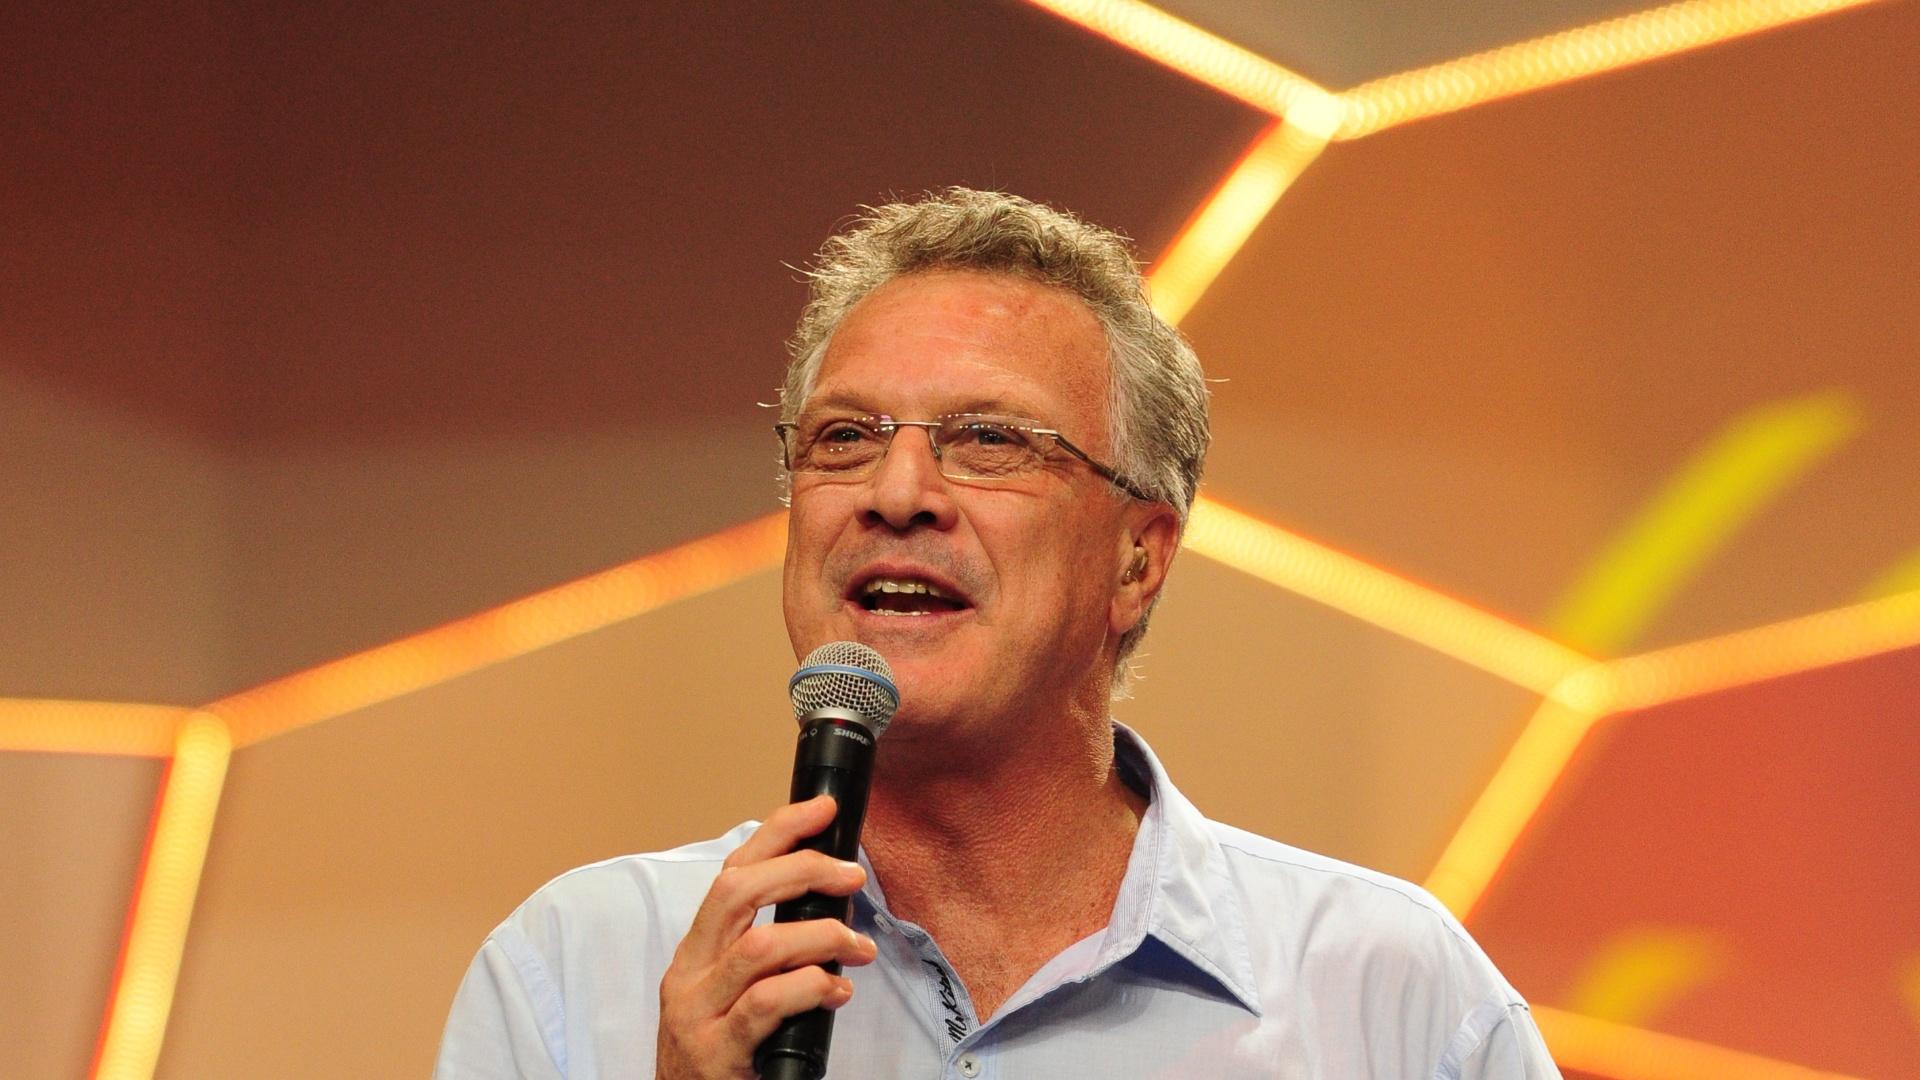 Pedro Bial apresenta o programa